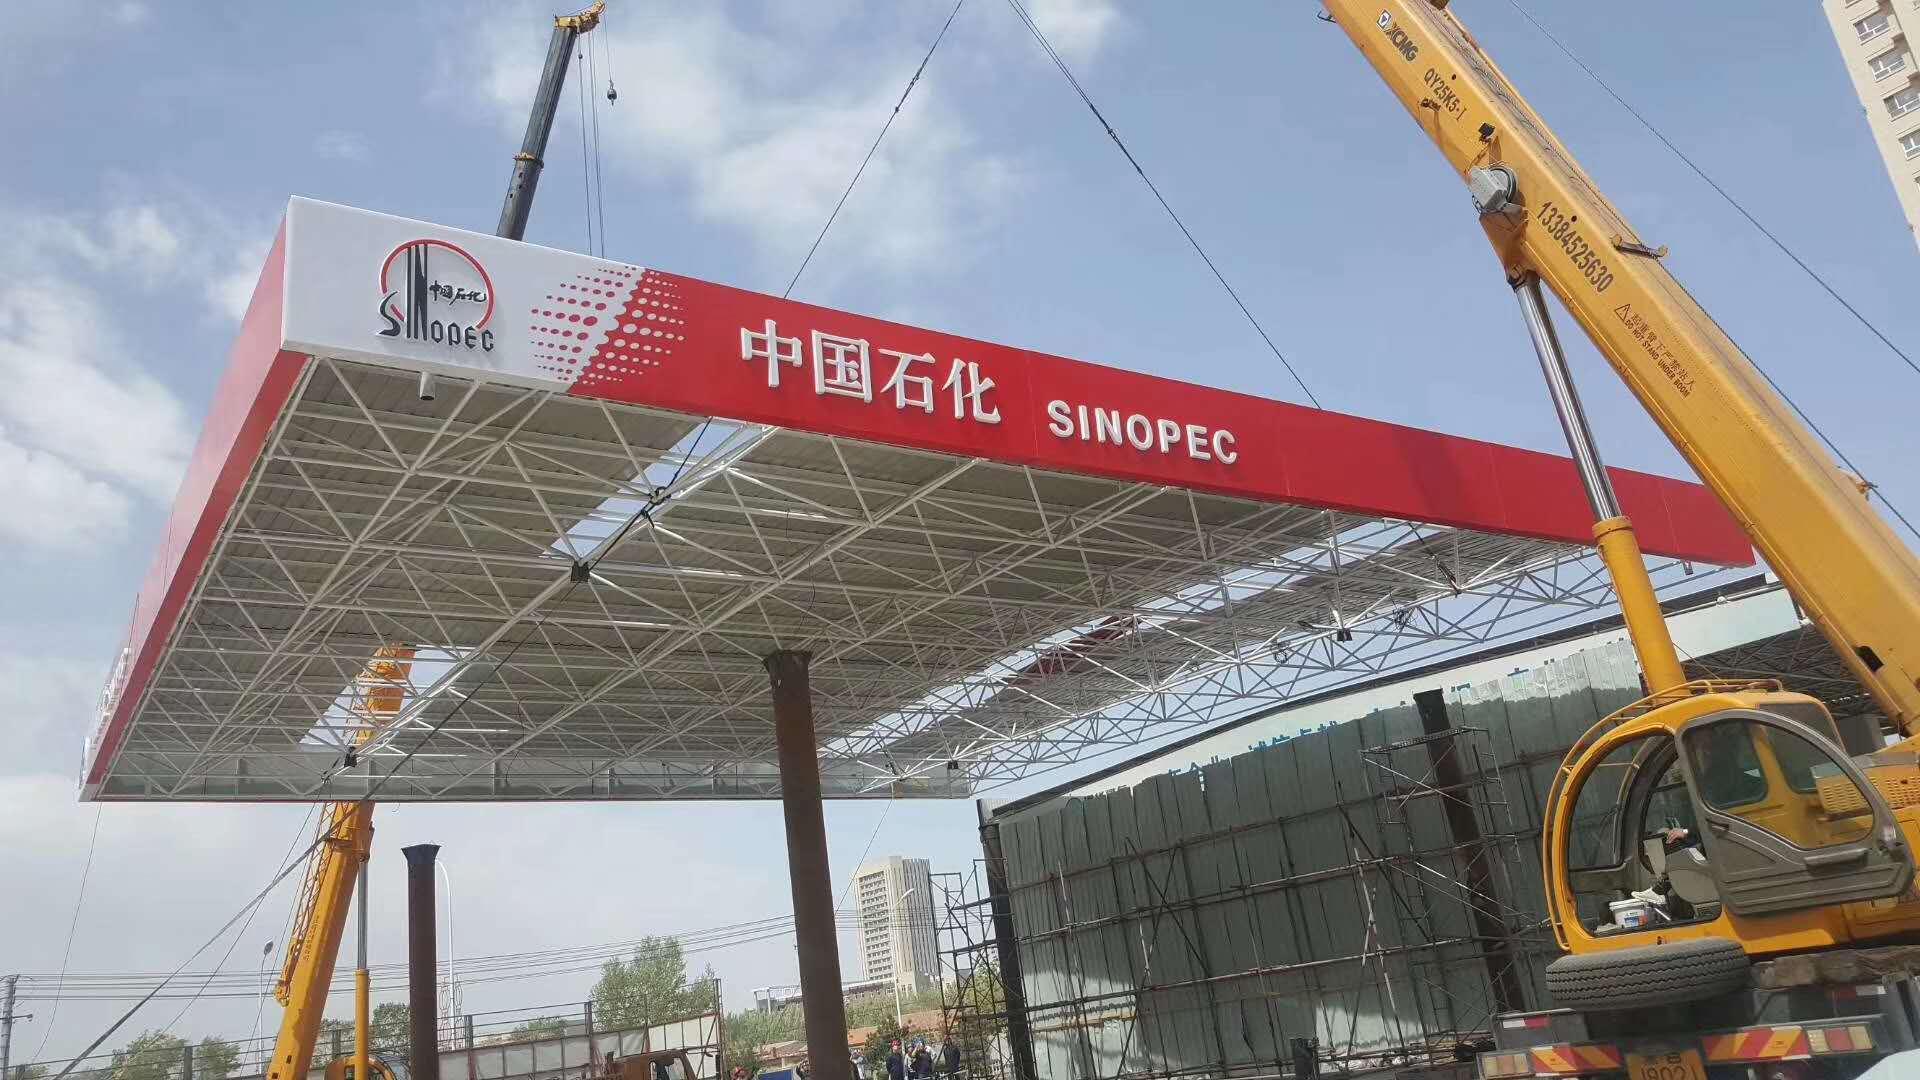 哈尔滨加油站建设-国道加油站建设规模标准-加油站建设相关规定